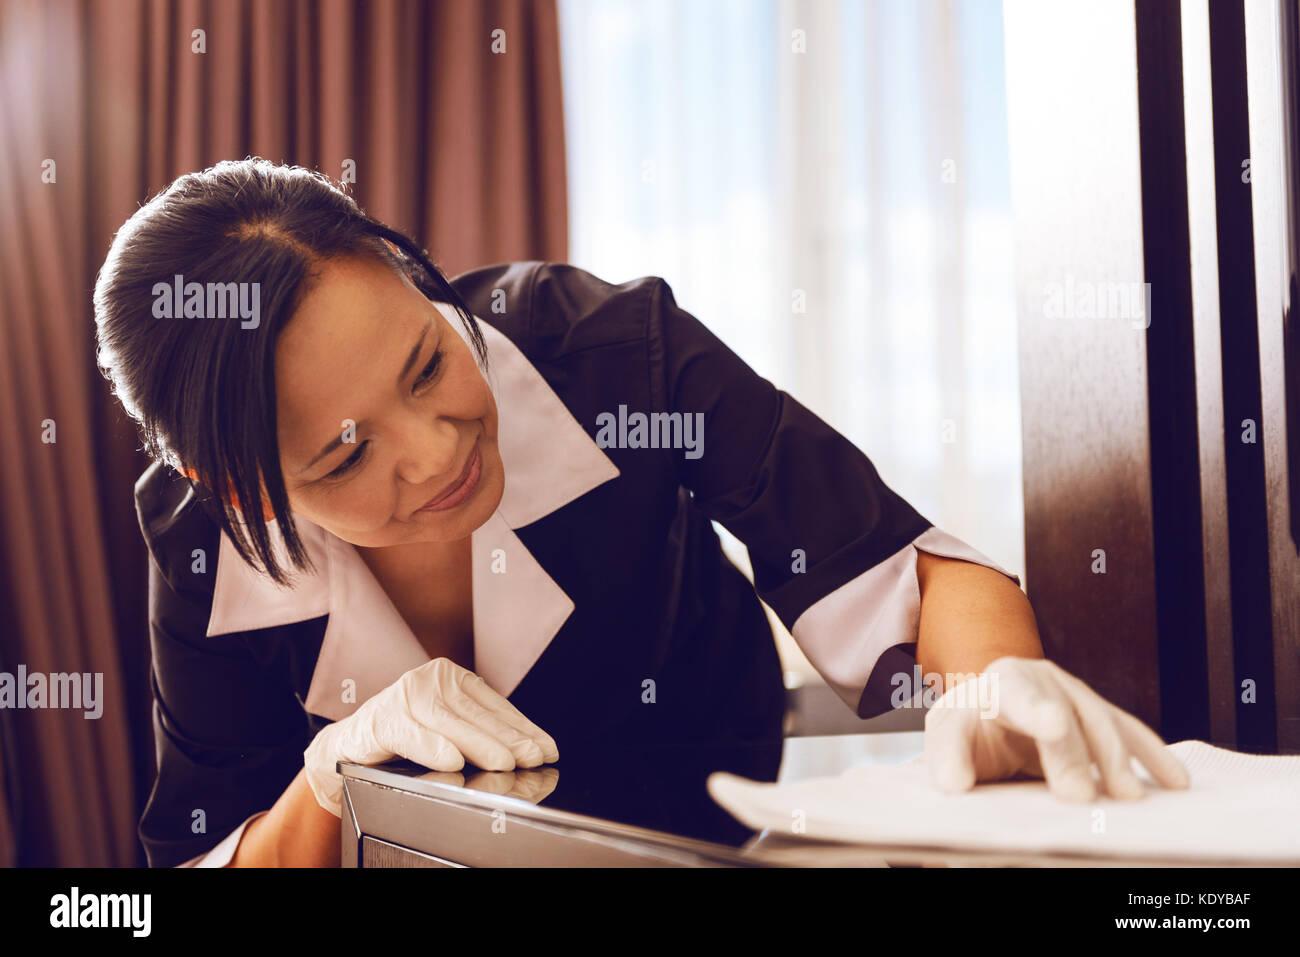 Attento cameriera facendo il suo lavoro con piacere Immagini Stock